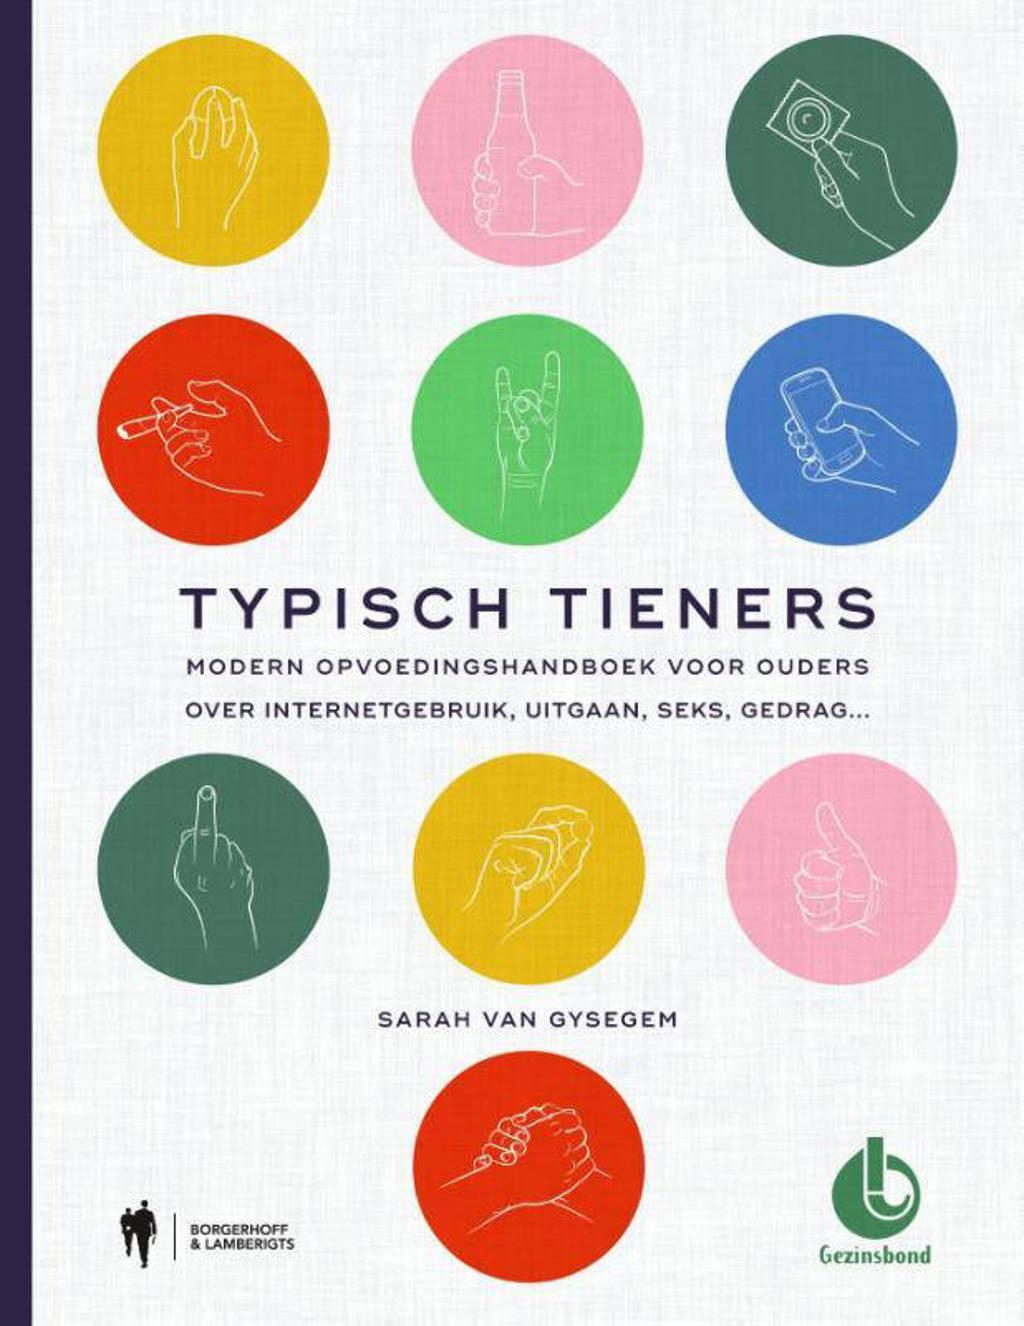 Typisch tieners - Sarah Van Gysegem